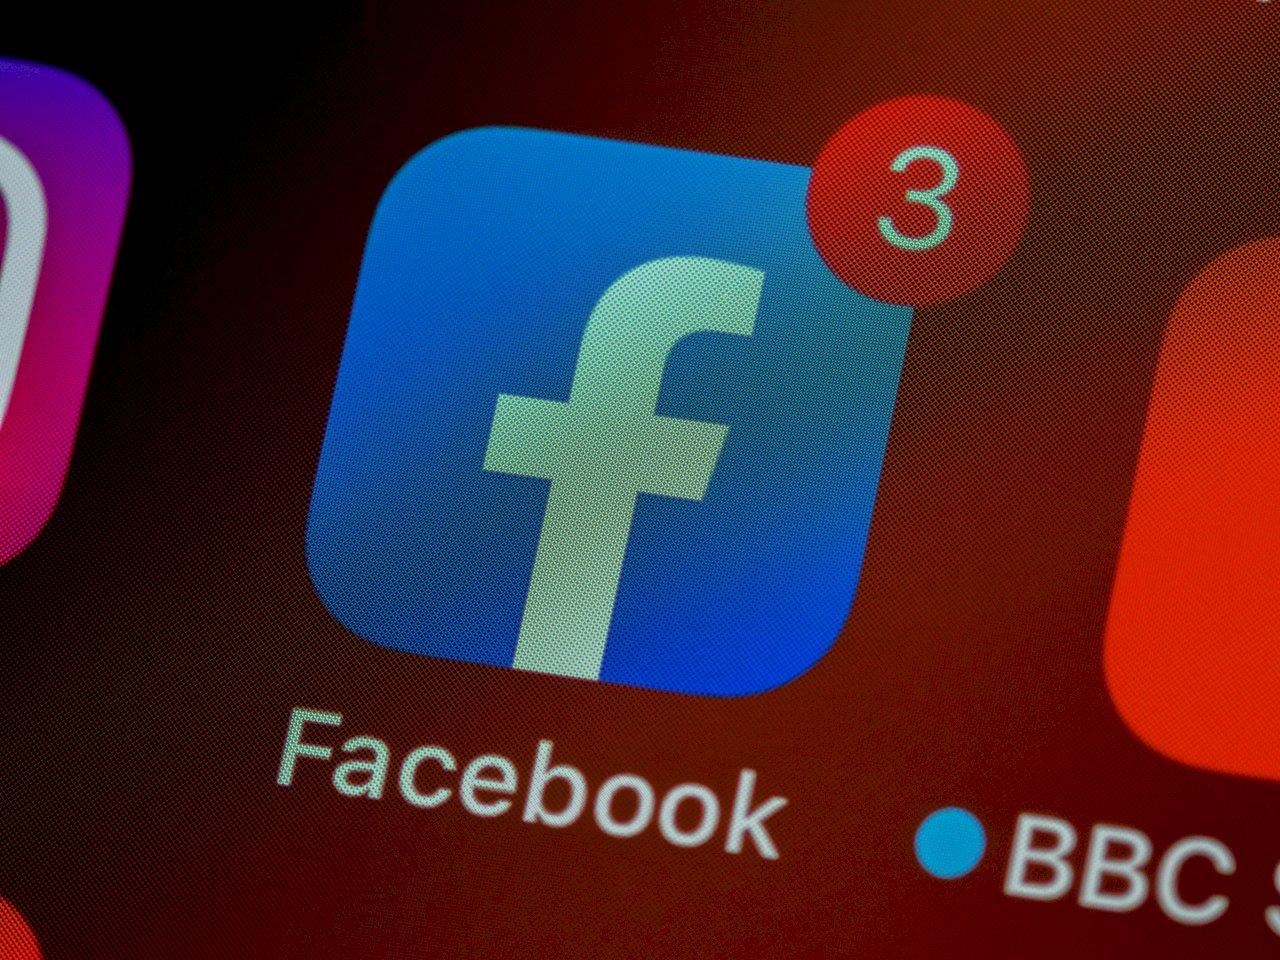 臉書:去年10月至12月撤除13億個假帳號